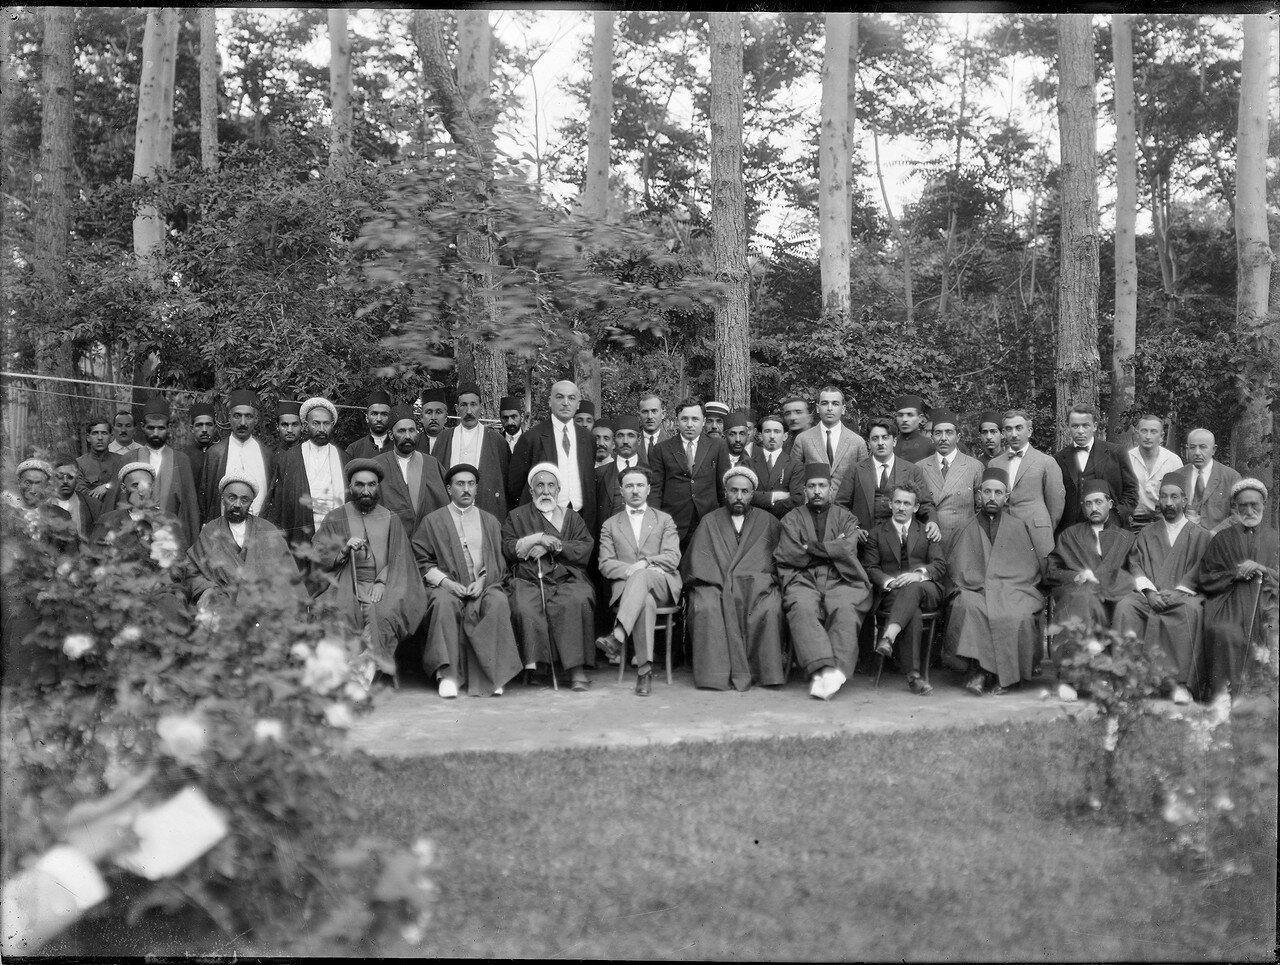 Борис Захарович Шумяцкий, полномочный представитель Советского Союза на групповой фотографии с персидскими сановниками. 1924